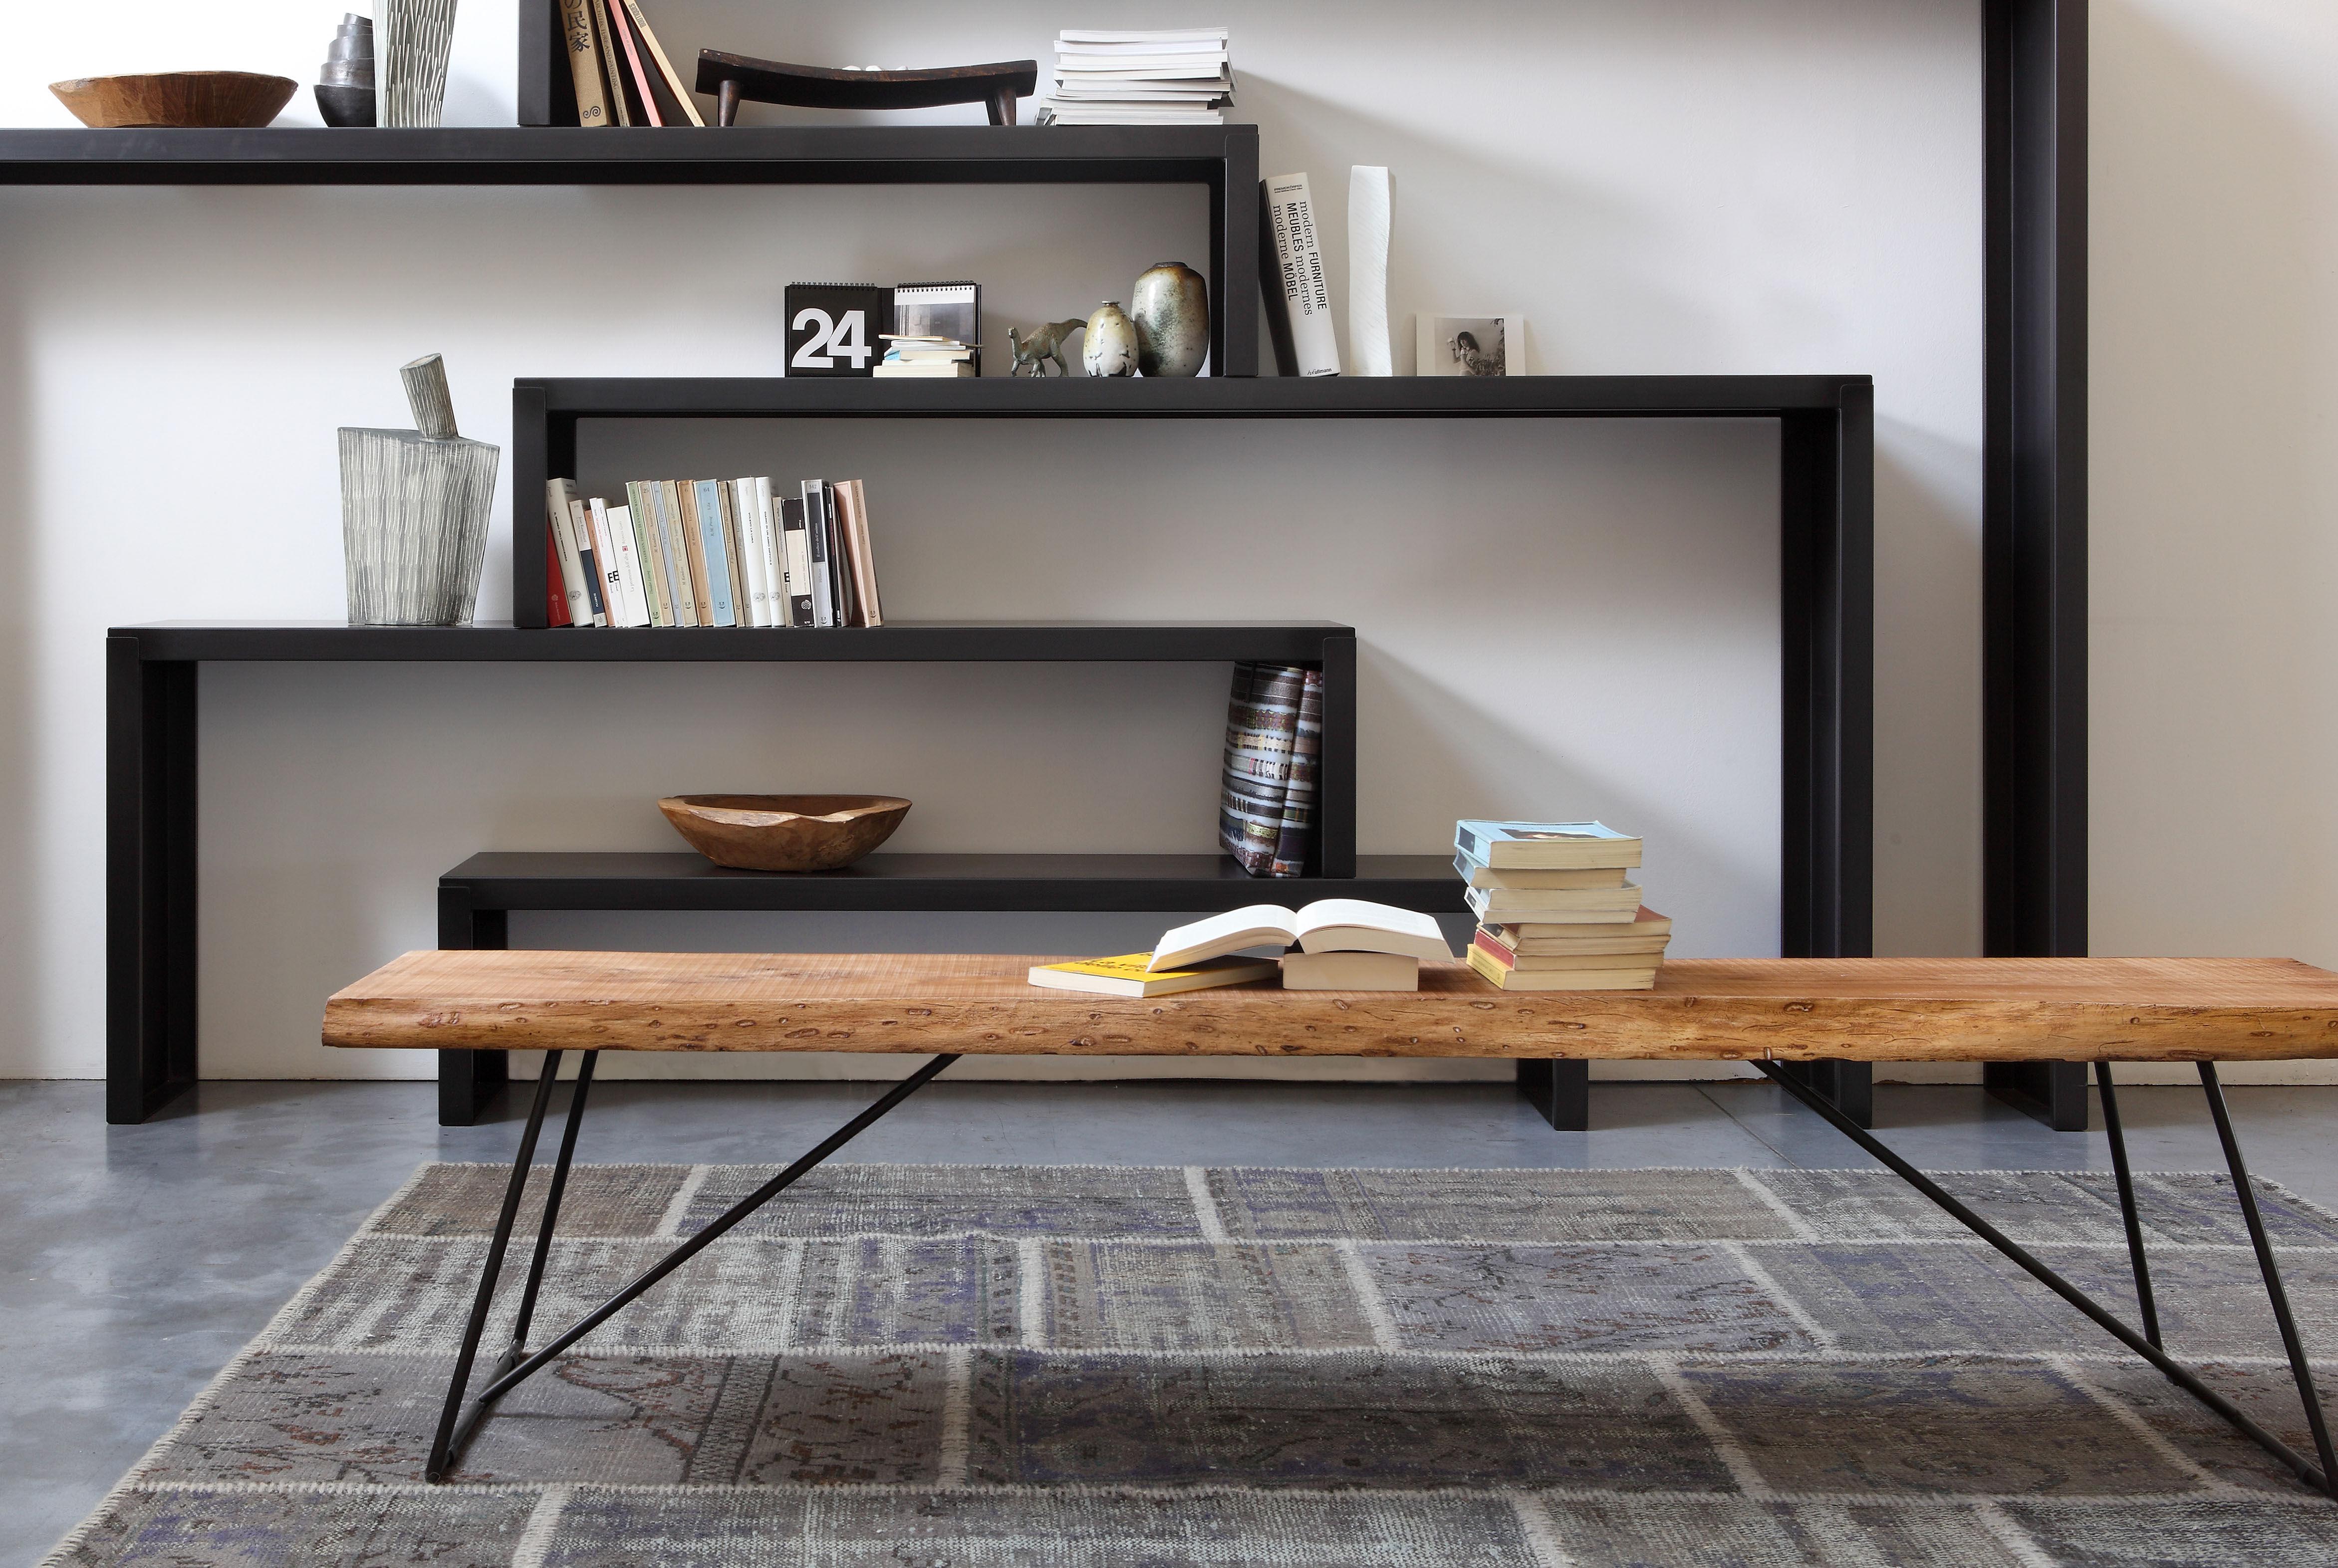 banc old times l 190 cm bois bois naturel pied noir. Black Bedroom Furniture Sets. Home Design Ideas